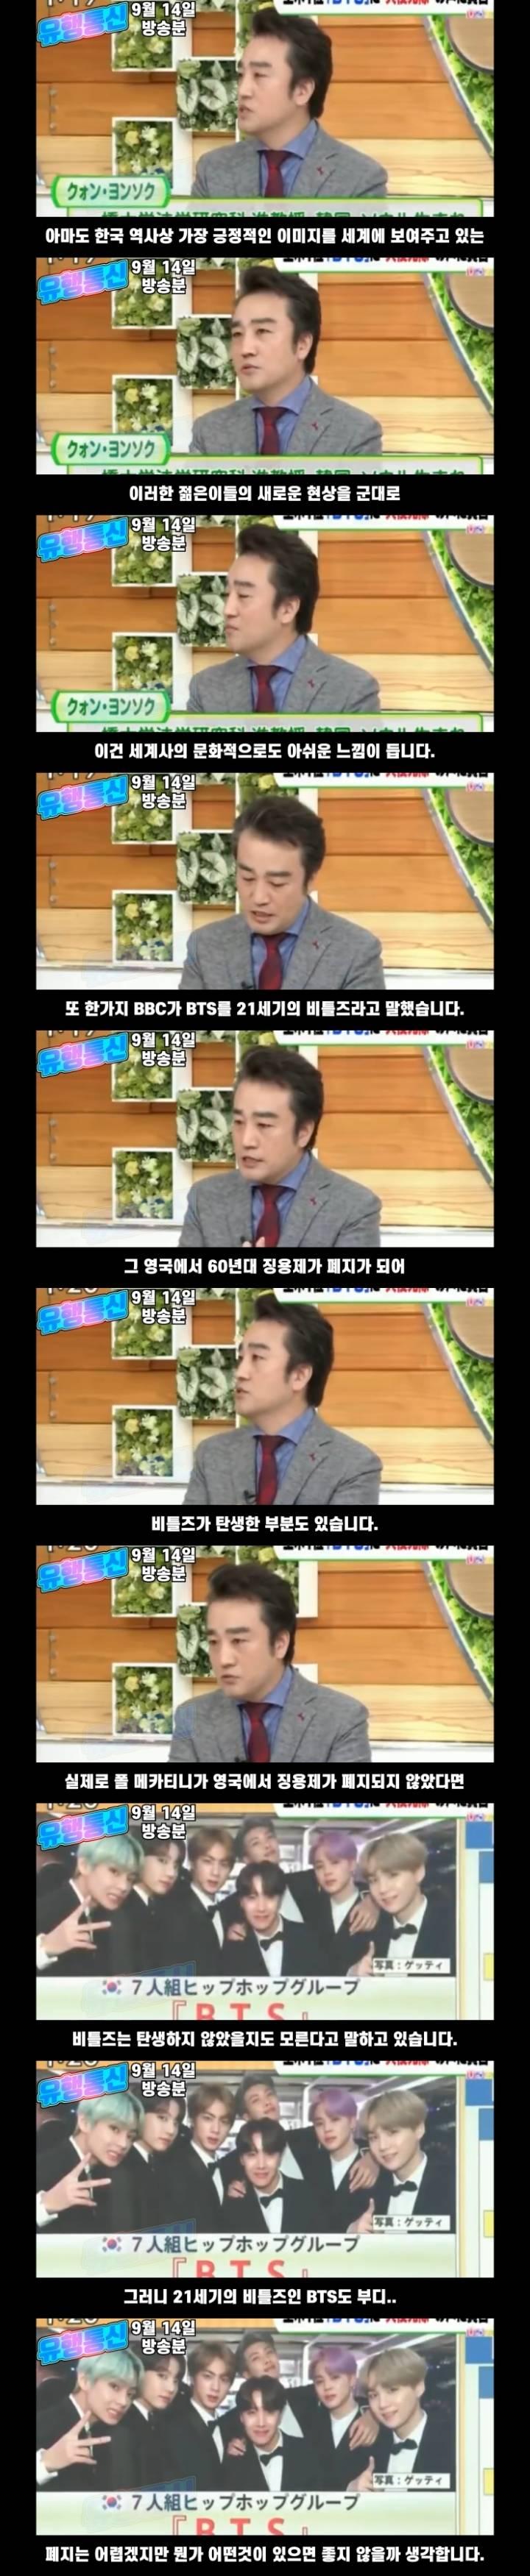 BTS 군면제 문제를 다룬 일본 방송의 결론.jpg | 인스티즈